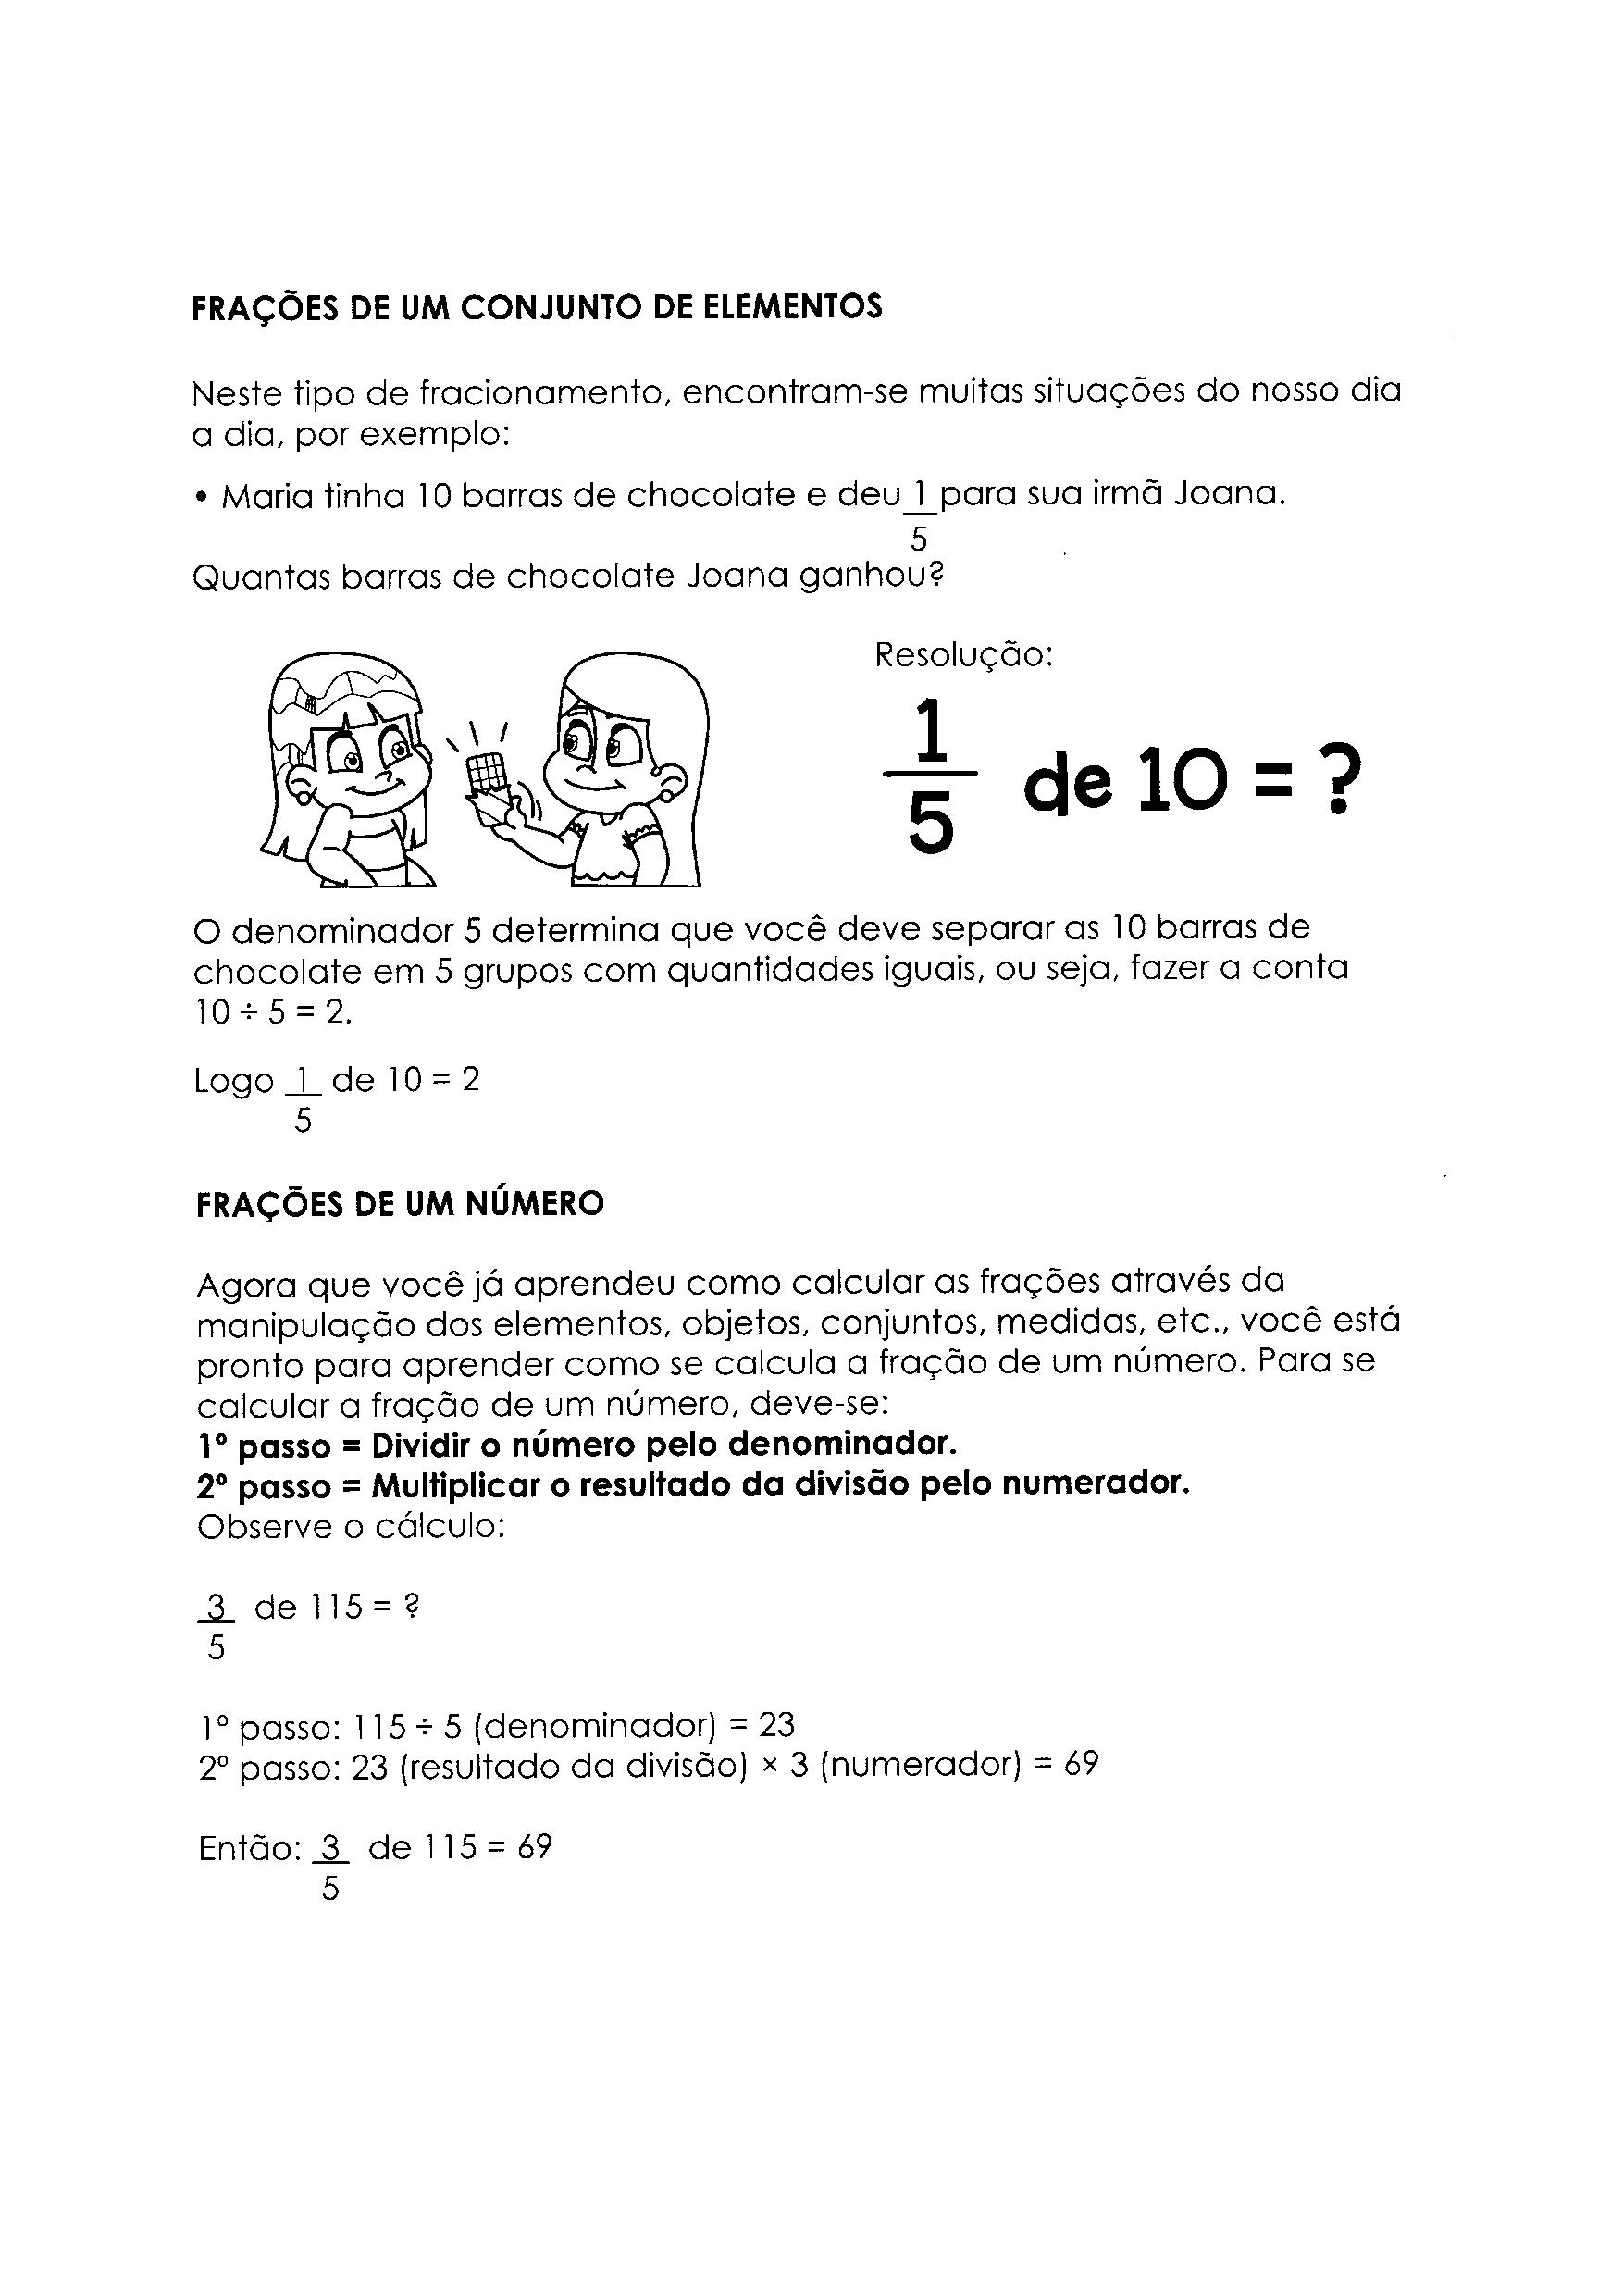 Aprendendo Frações de um número